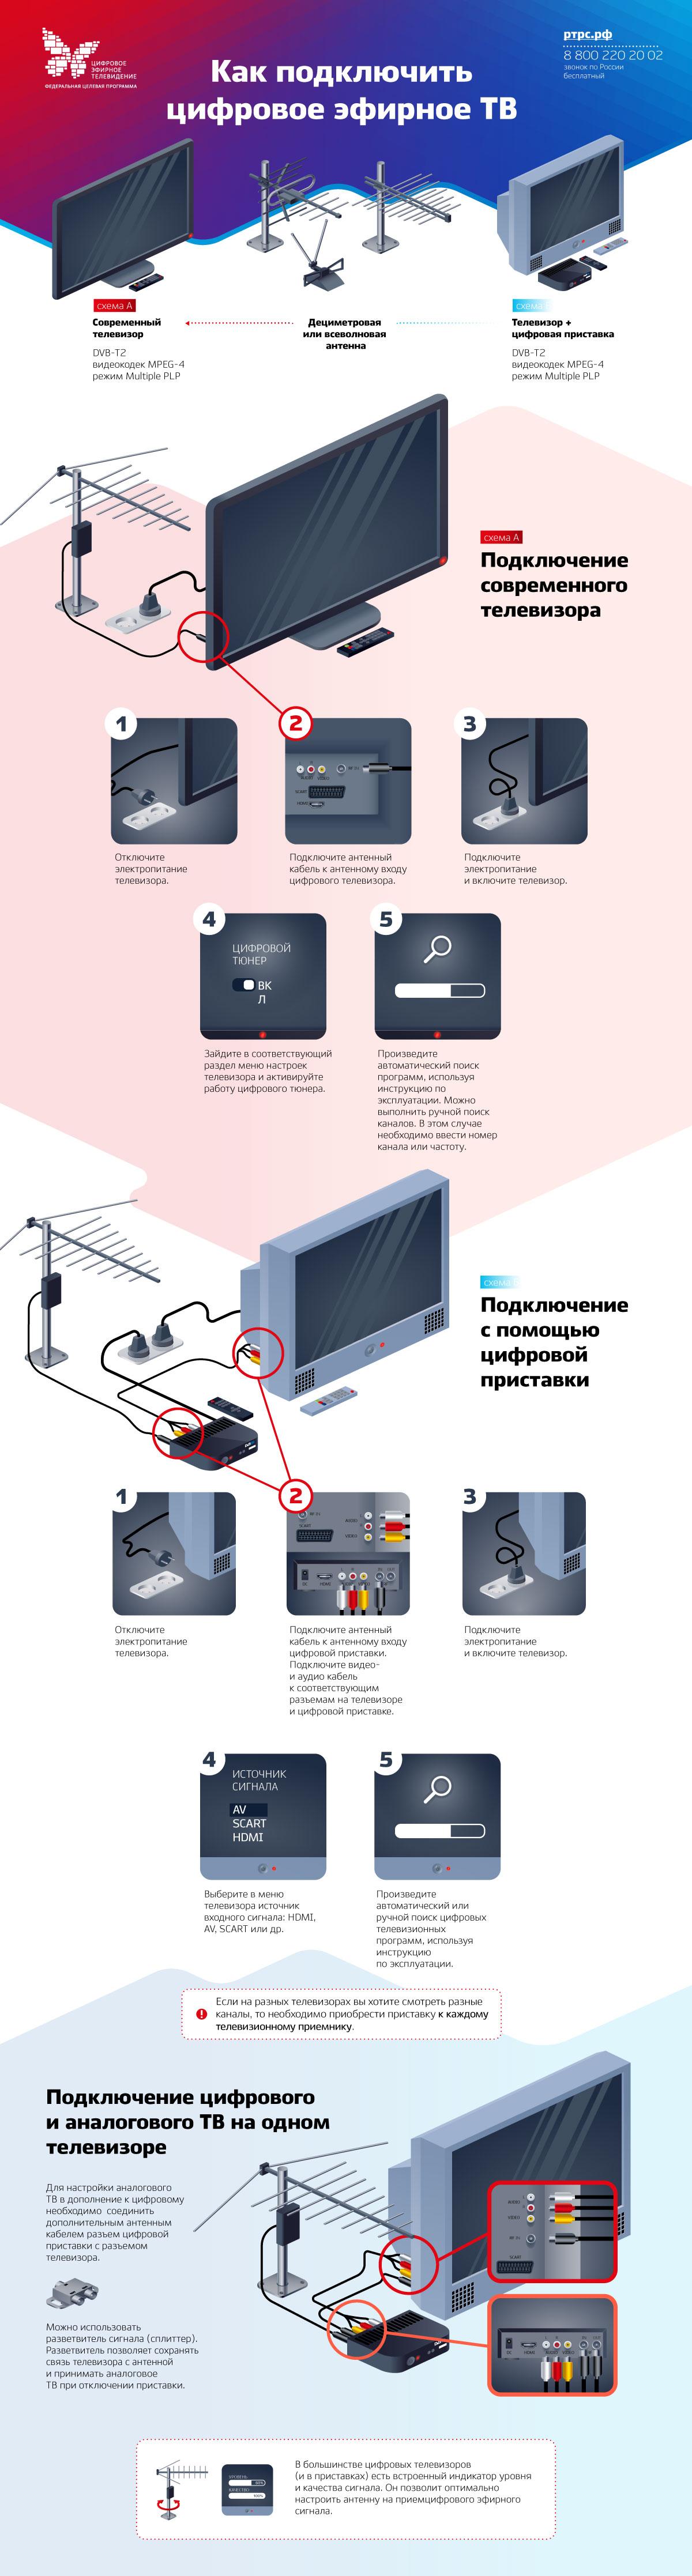 Аналоговый сигнал сохранится в Петрозаводске со специальной маркировкой